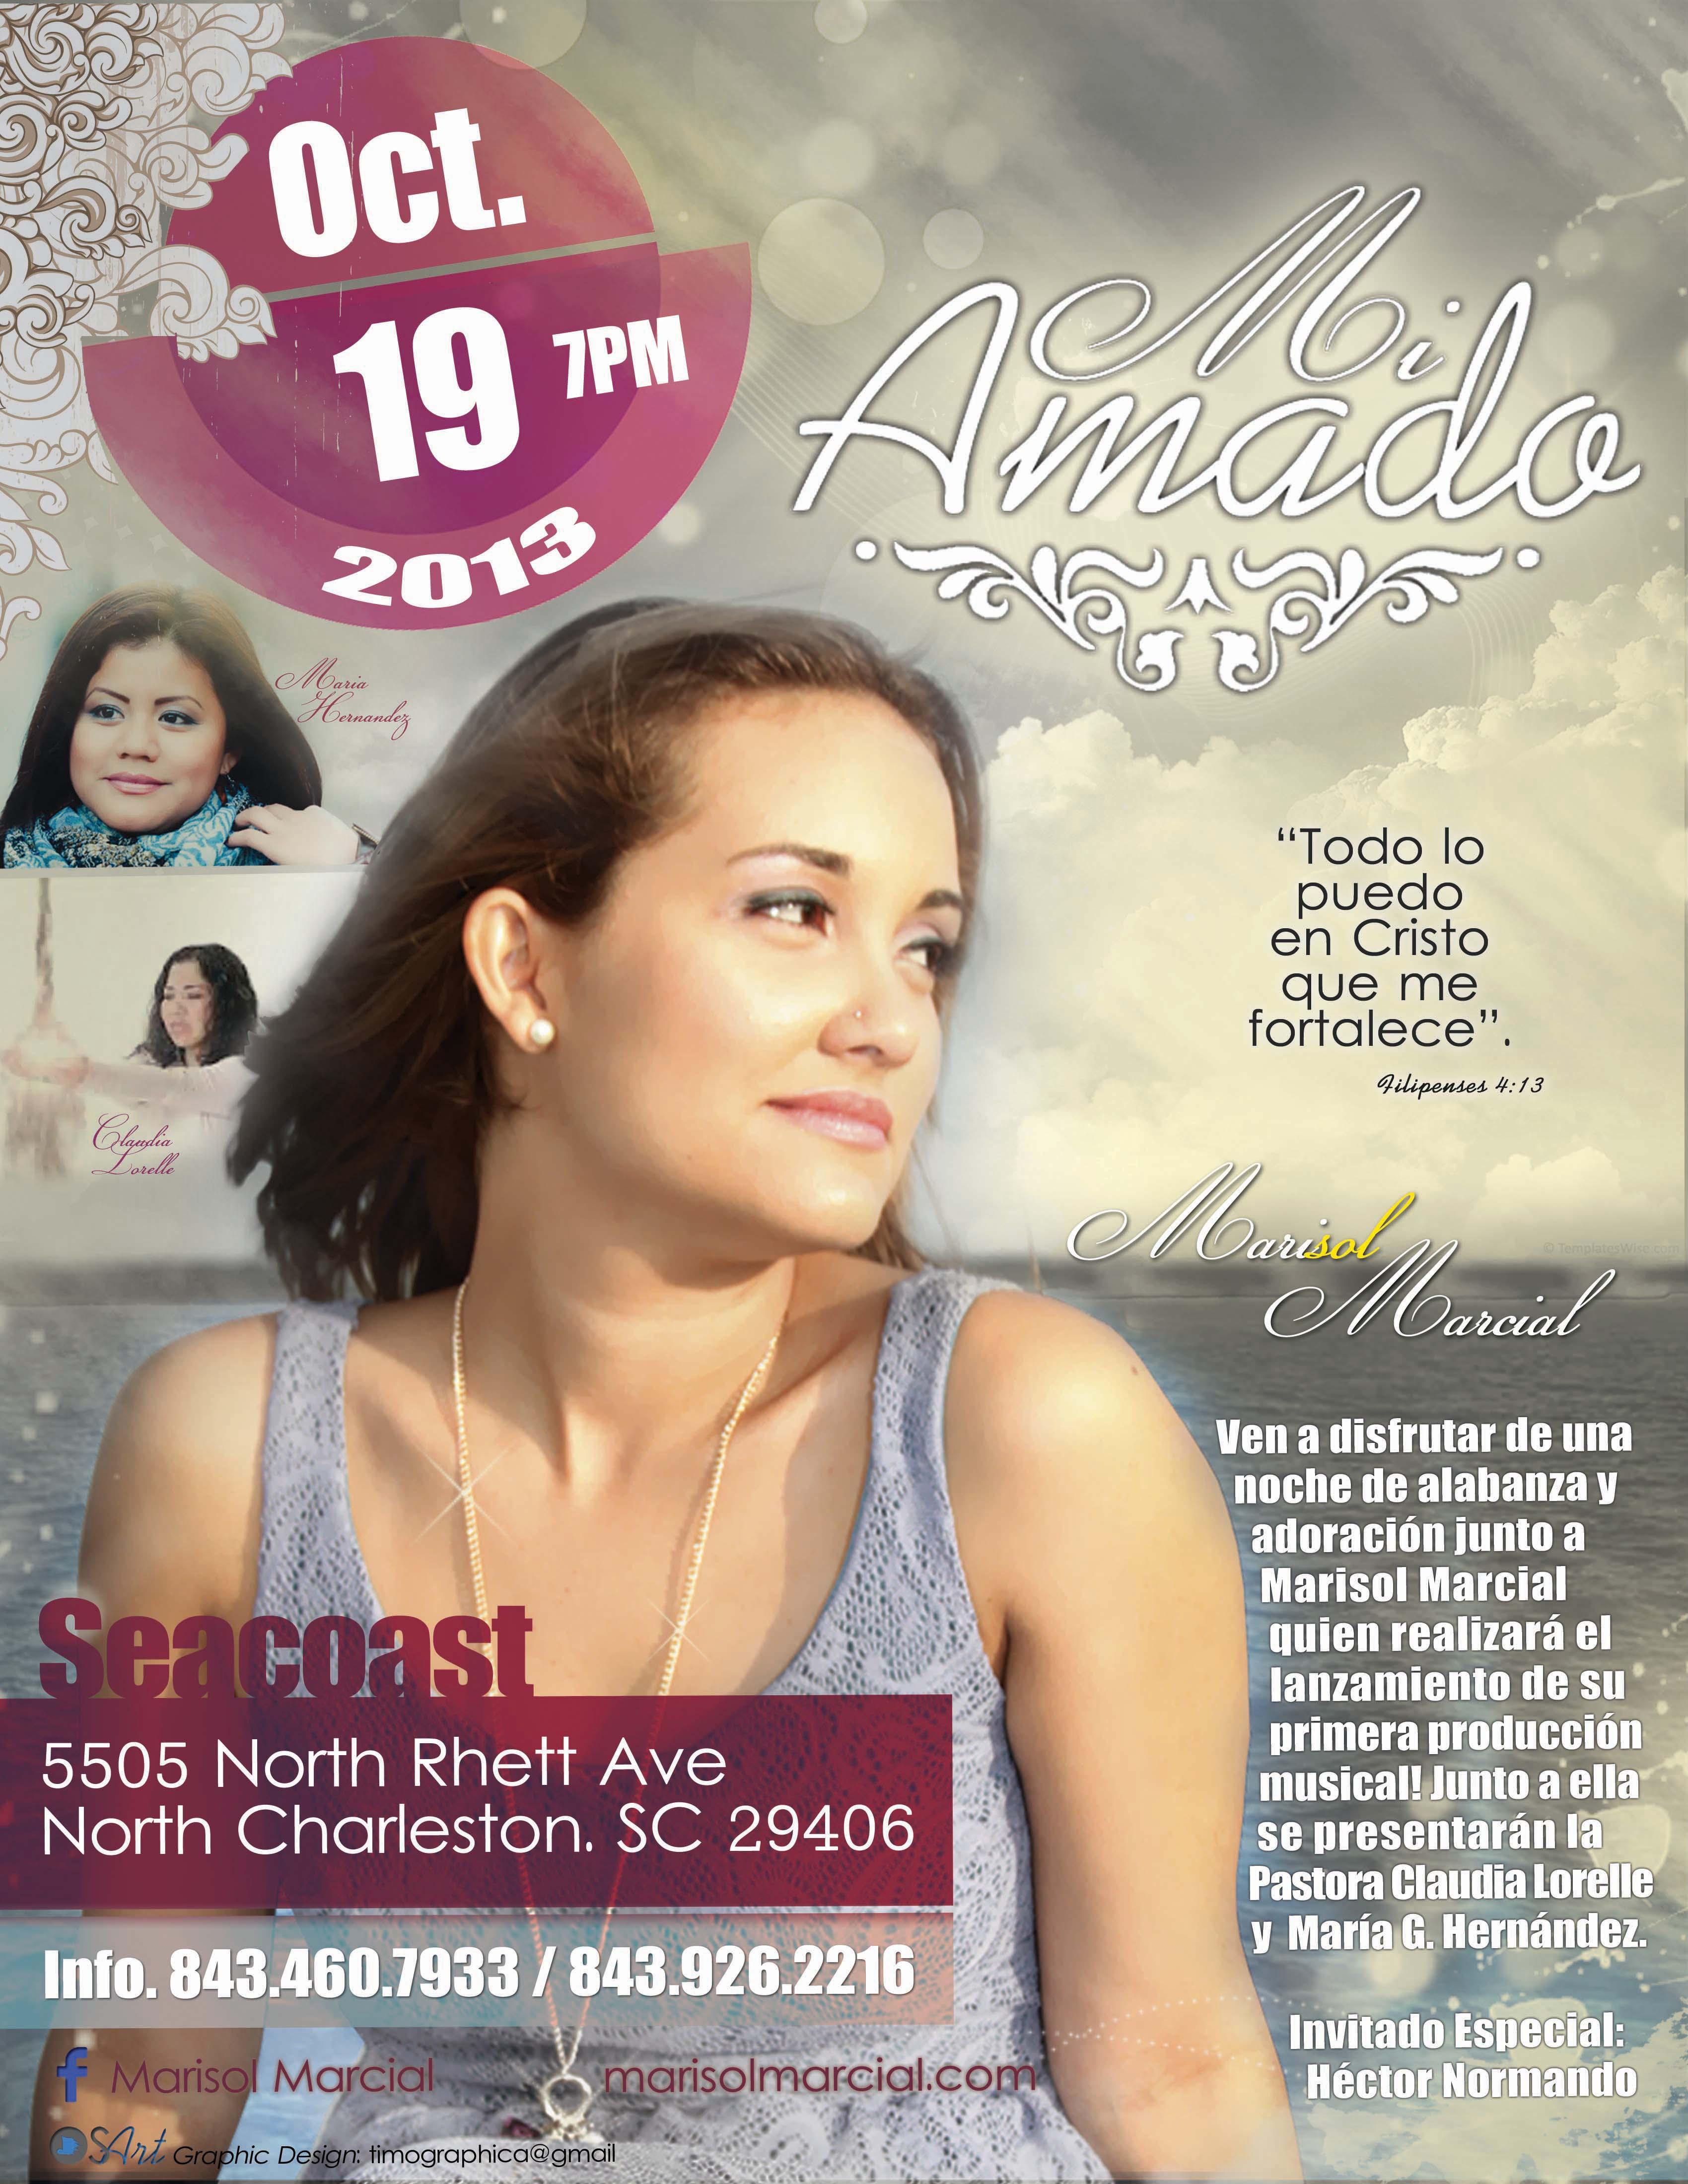 Poster Marisol.jpg